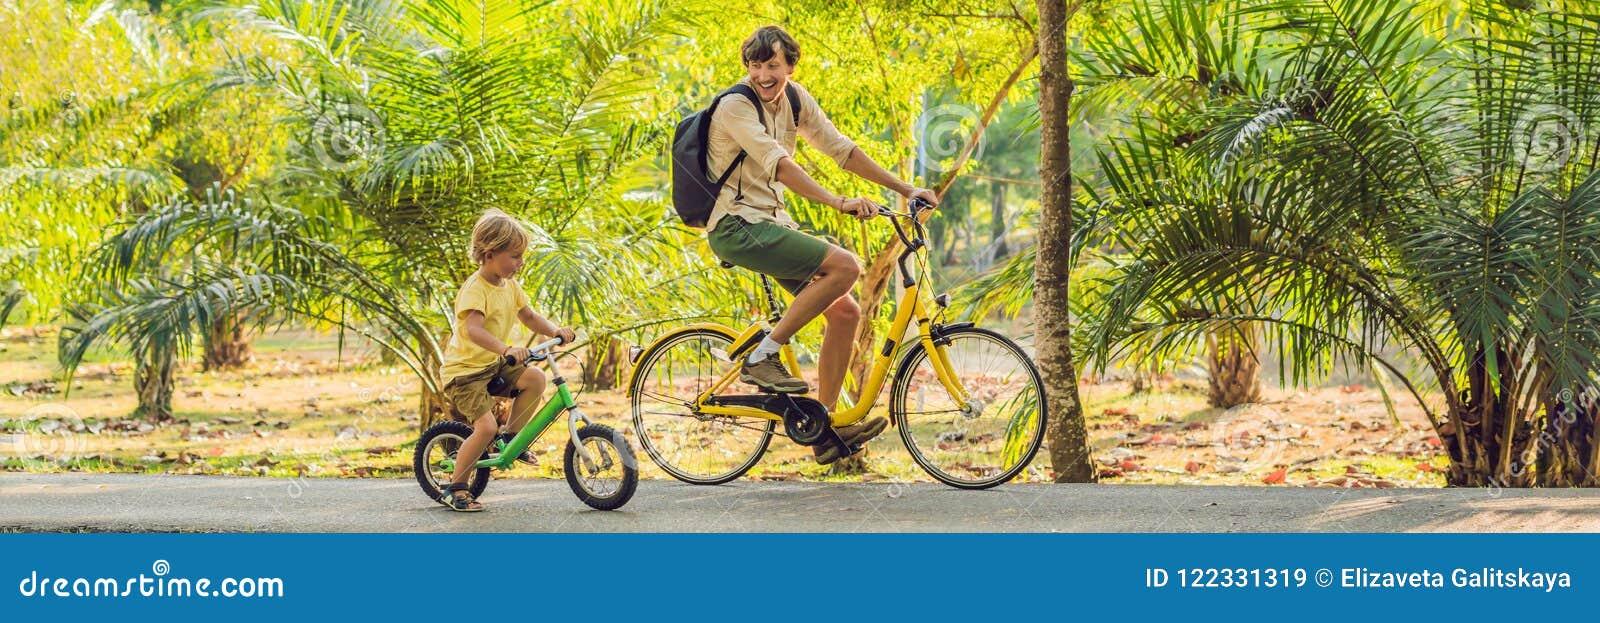 Den lyckliga familjen rider cyklar utomhus och att le Avla på en cykel och en son på ett balancebikeBANER, långt format